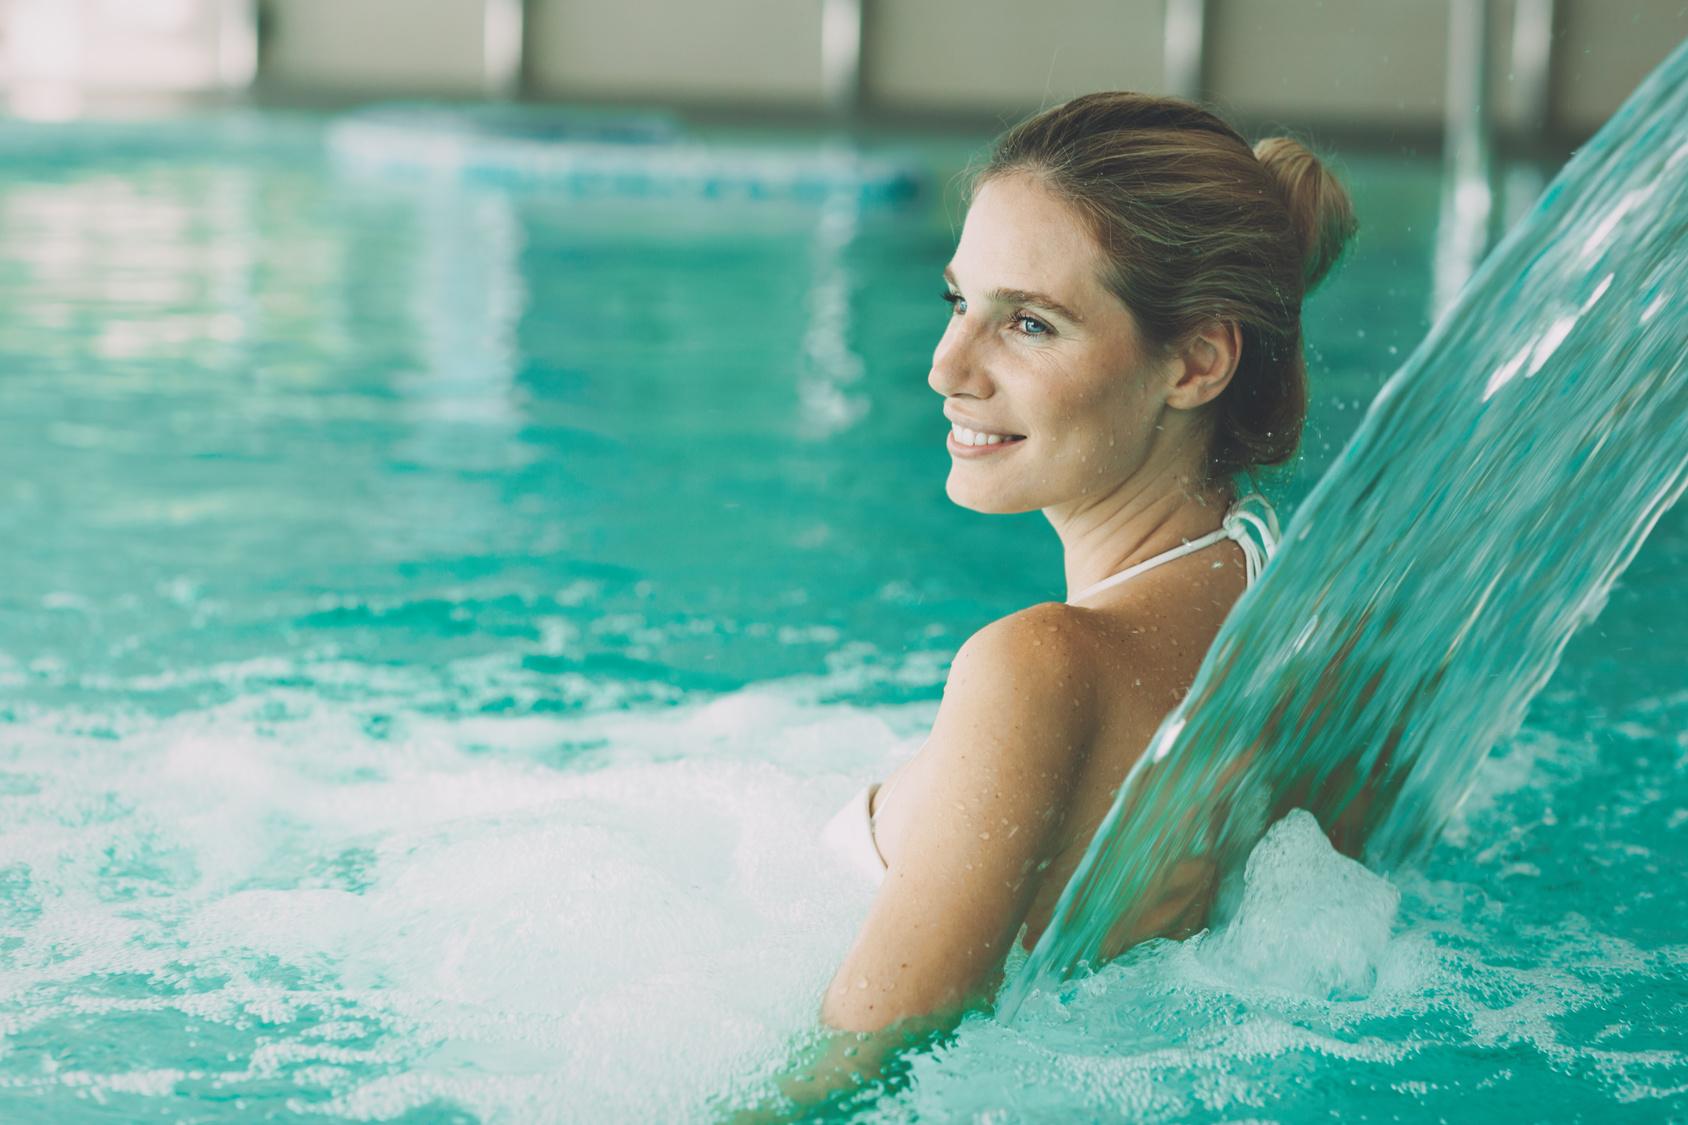 Spa Hotel Runni – kylpyläloma kahdelle 1-5 yötä alk. 69€ (säästä 50%)